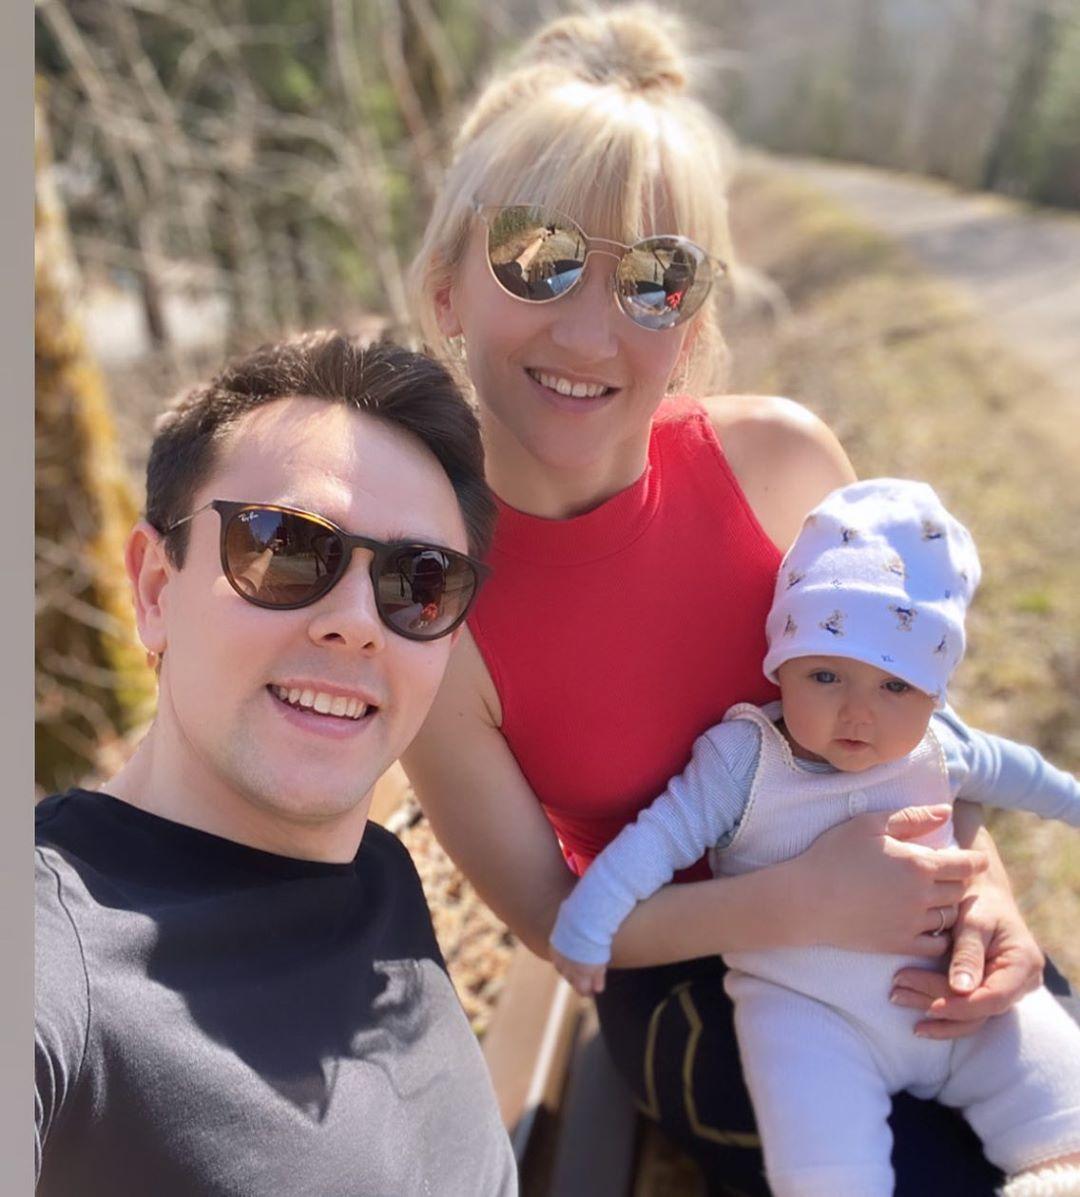 Алена Савченко - Бруно Массо / Aliona SAVCHENKO - Bruno MASSOT GER - Страница 25 QGMTelVJGEI